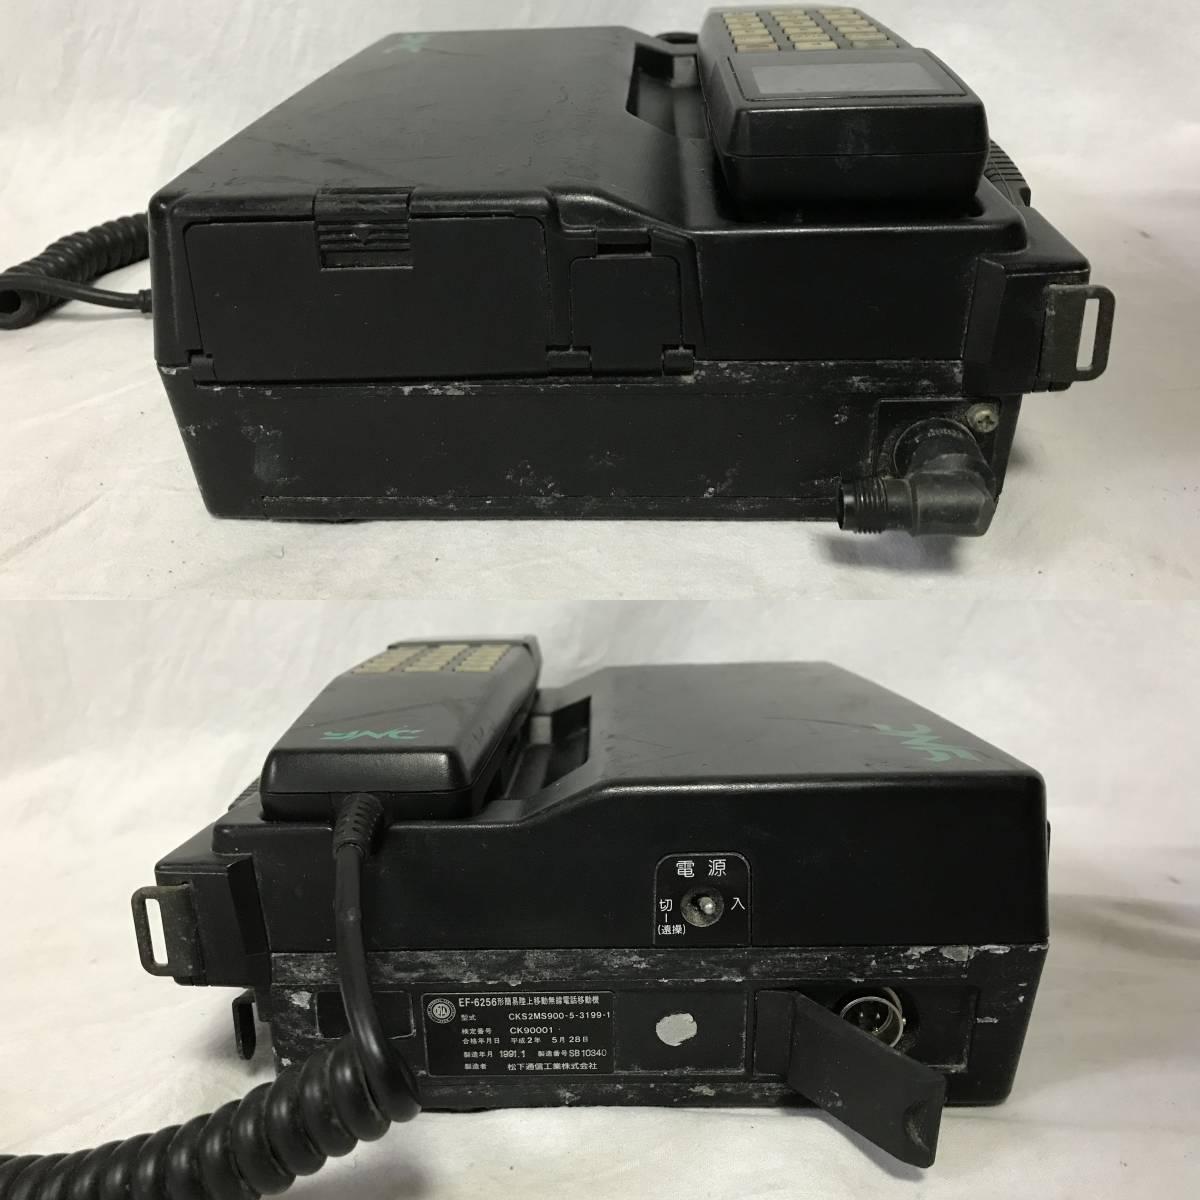 1991年製 EF-6256形簡易陸上移動無線電話移動機 カーテレフォン 車 携帯電話 初期 昭和レトロ_画像6